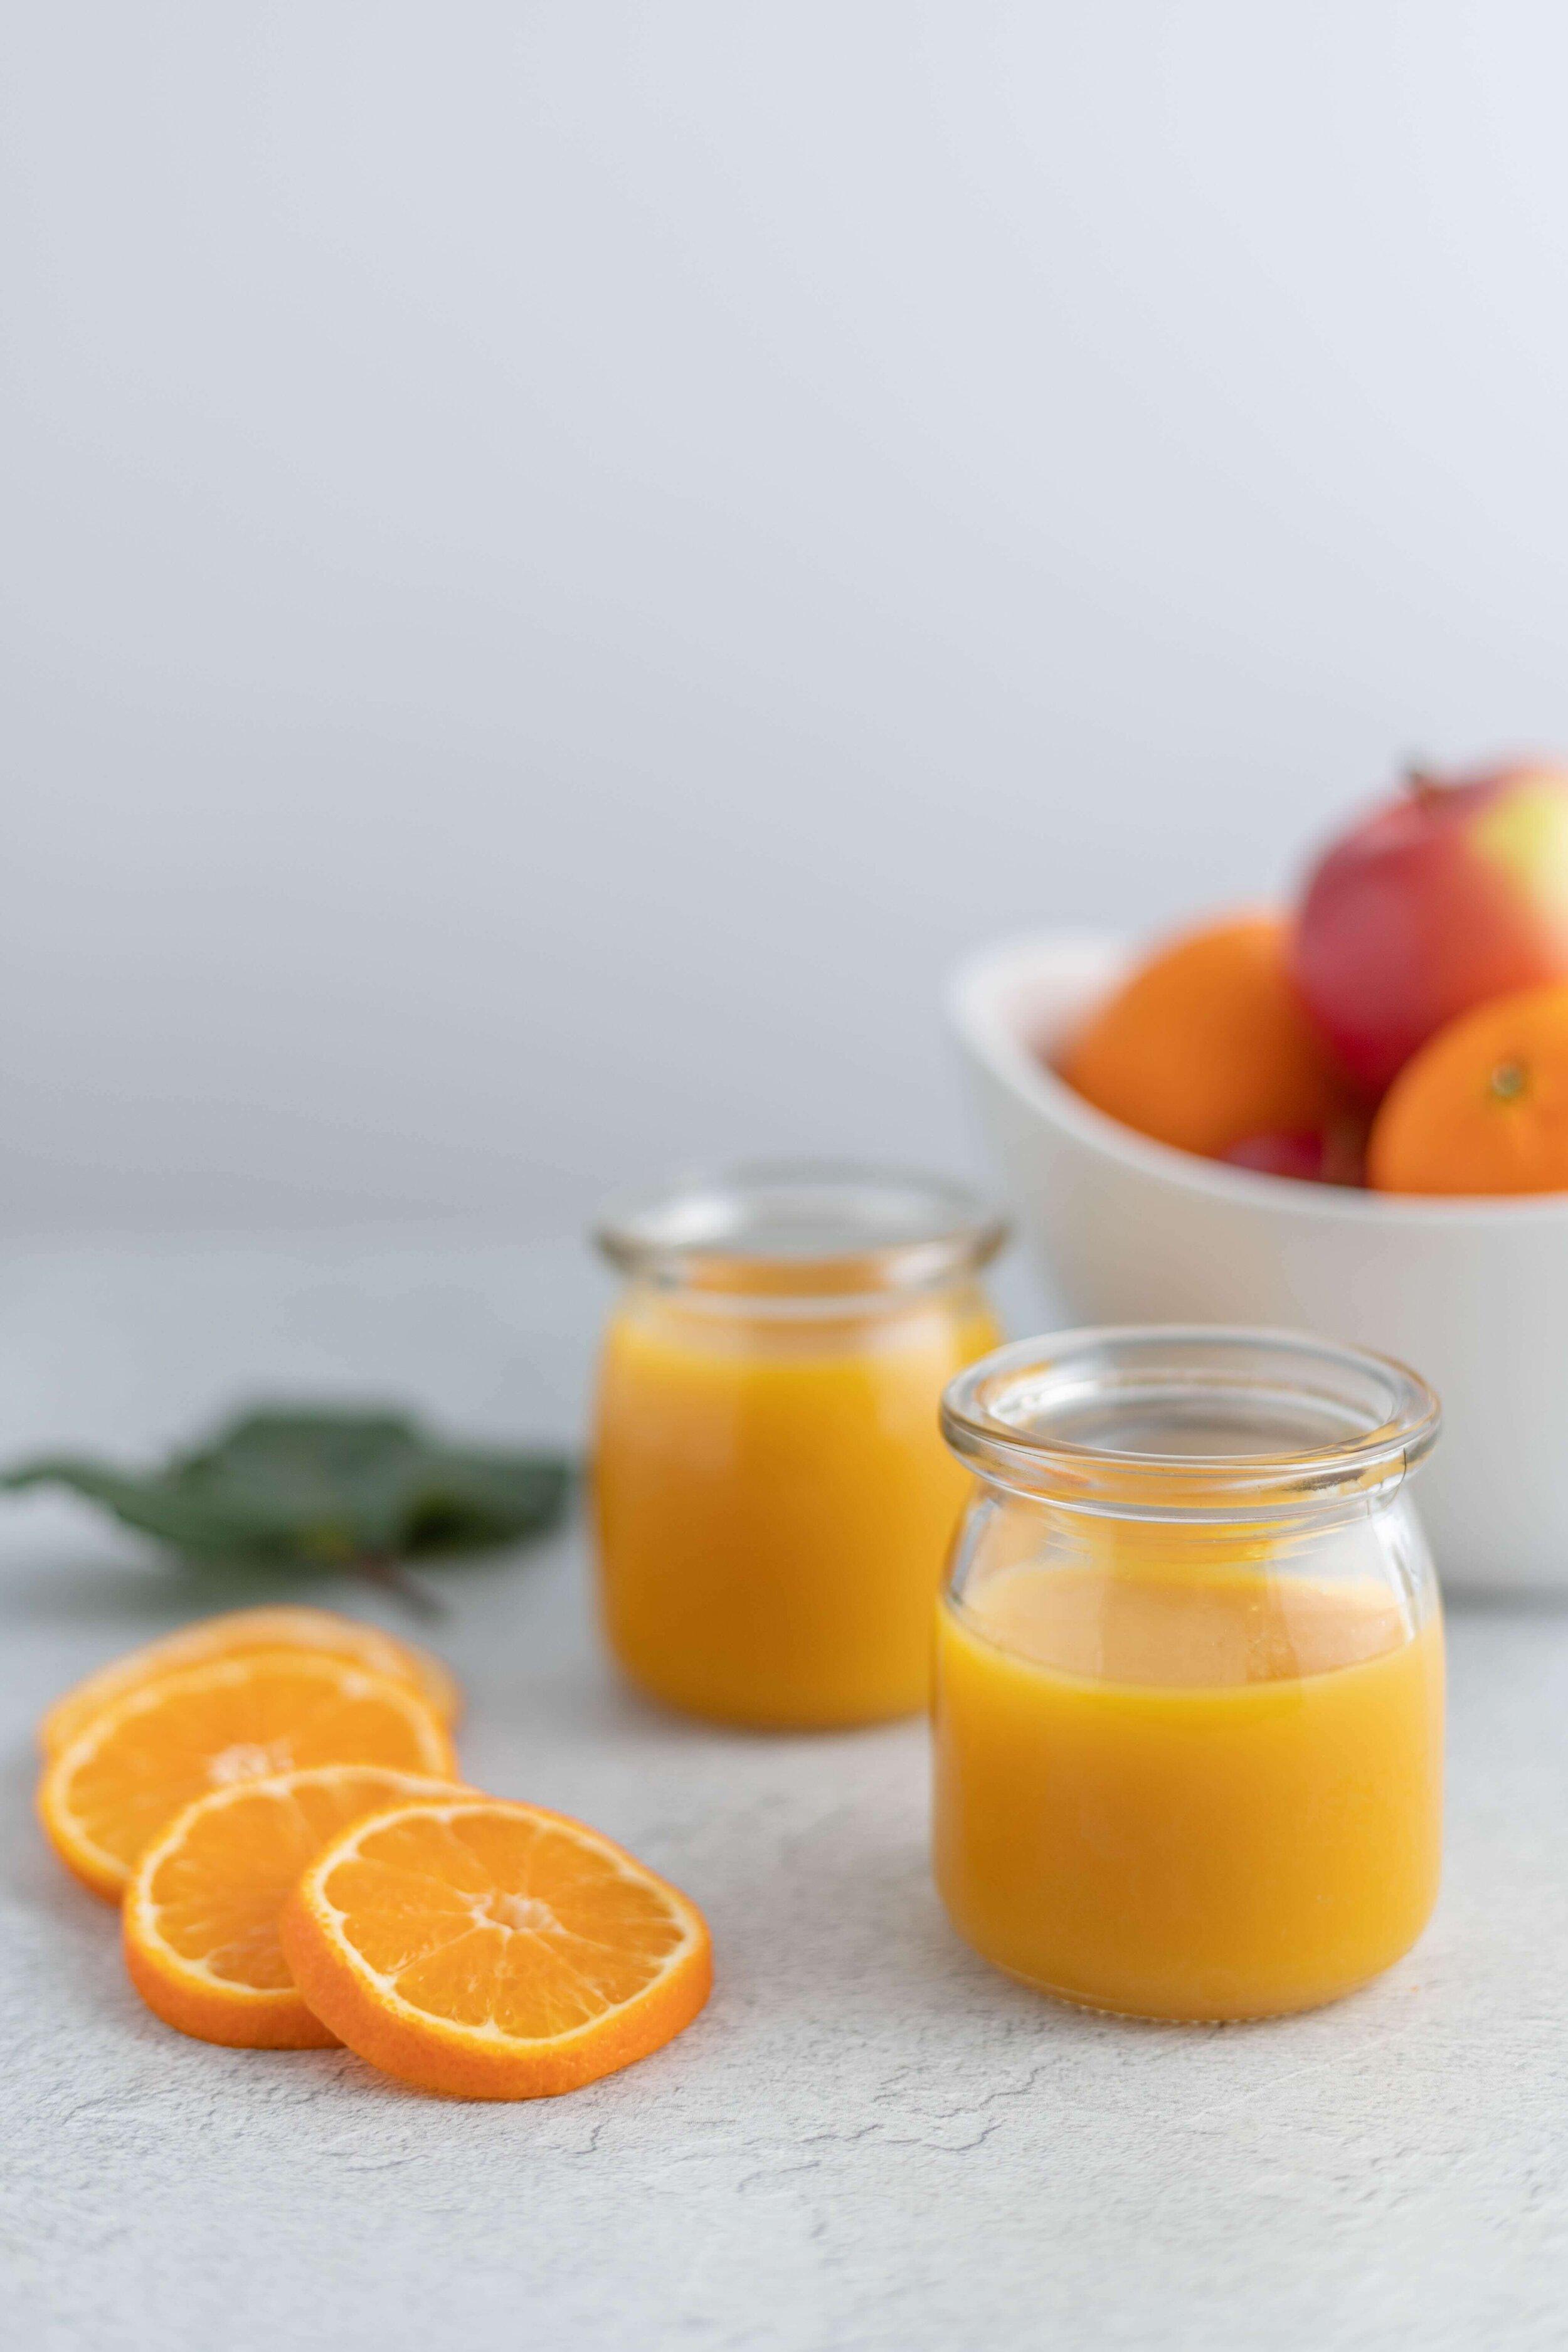 fresh high calcium orange juice